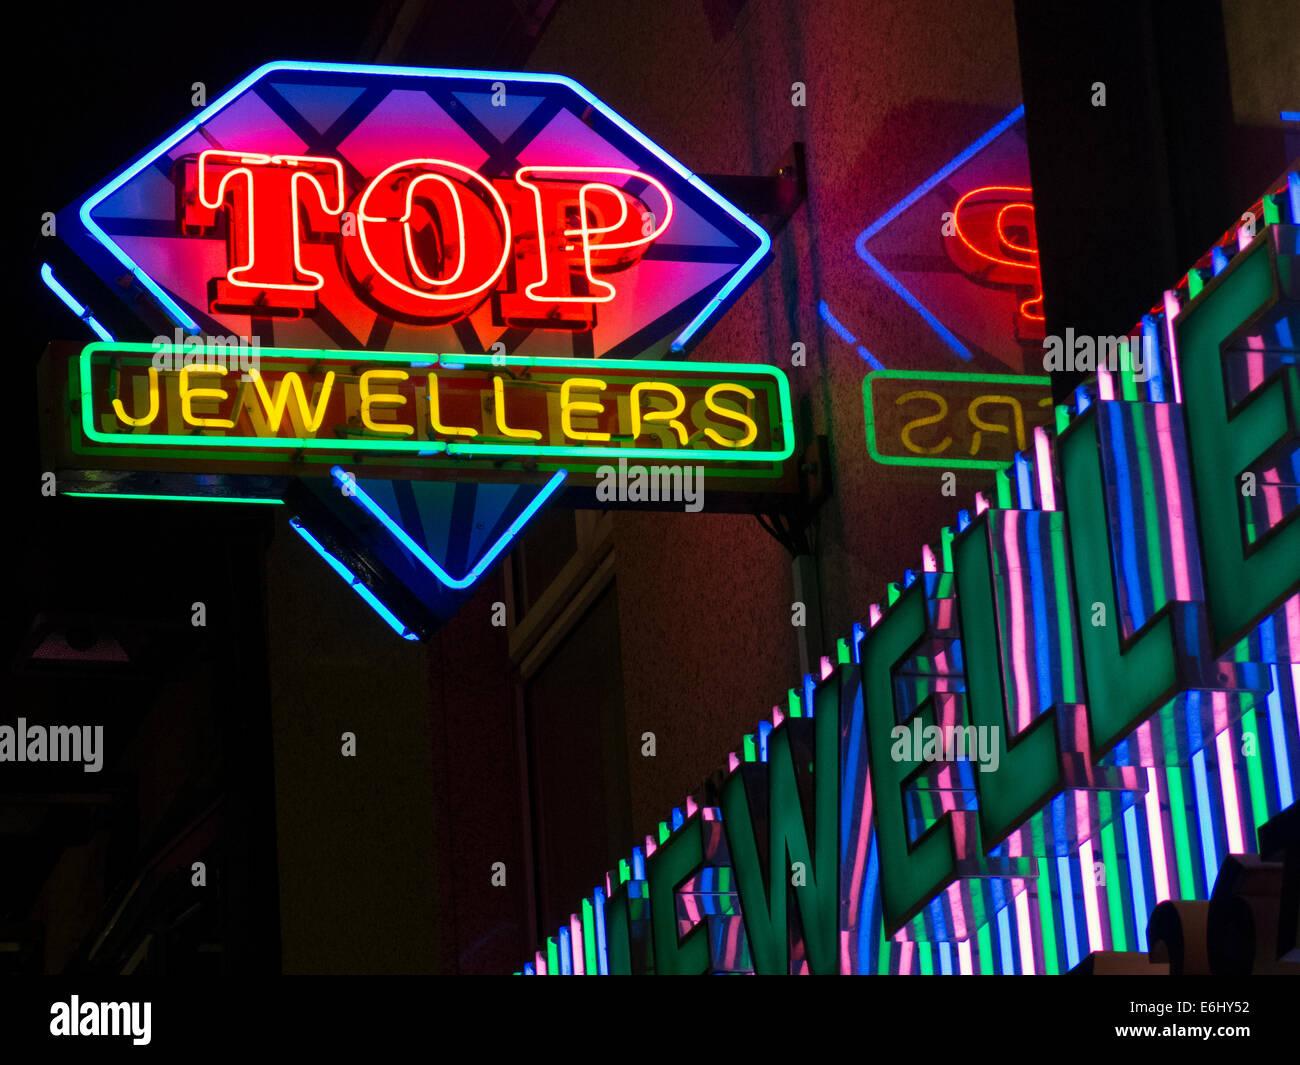 Laden Sie dieses Alamy Stockfoto Top indische Juweliere auf der Rusholme Curry Mile, Manchester City Centre, England in der Nacht - E6HY52